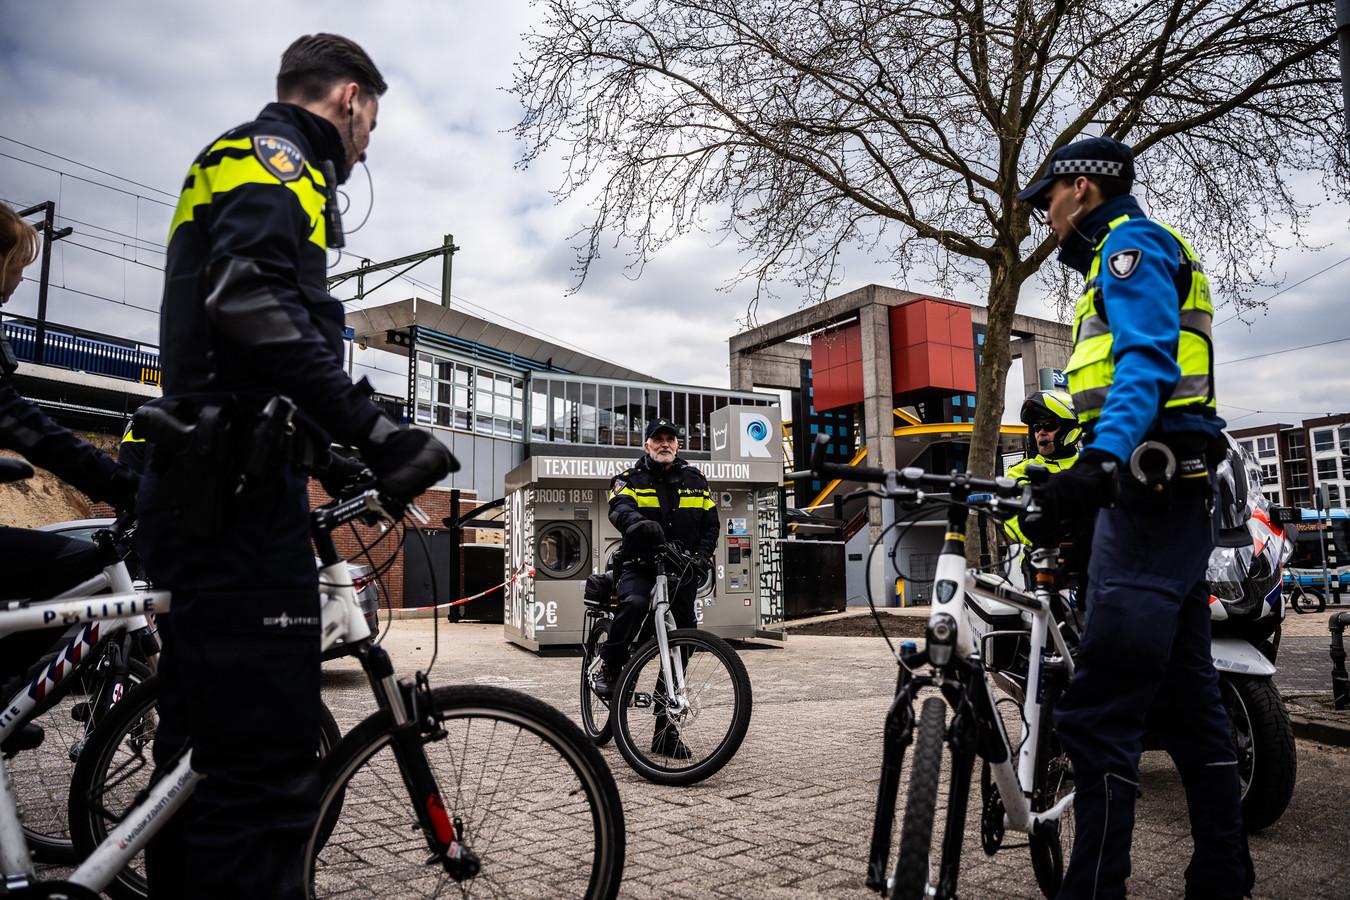 Agenten tijdens een controle in het Spijkerkwartier in Arnhem, waarbij tegen alle mogelijke overtredingen wordt opgetreden, van te hard rijden tot drugsdealen. Archieffoto: Rolf Hensel